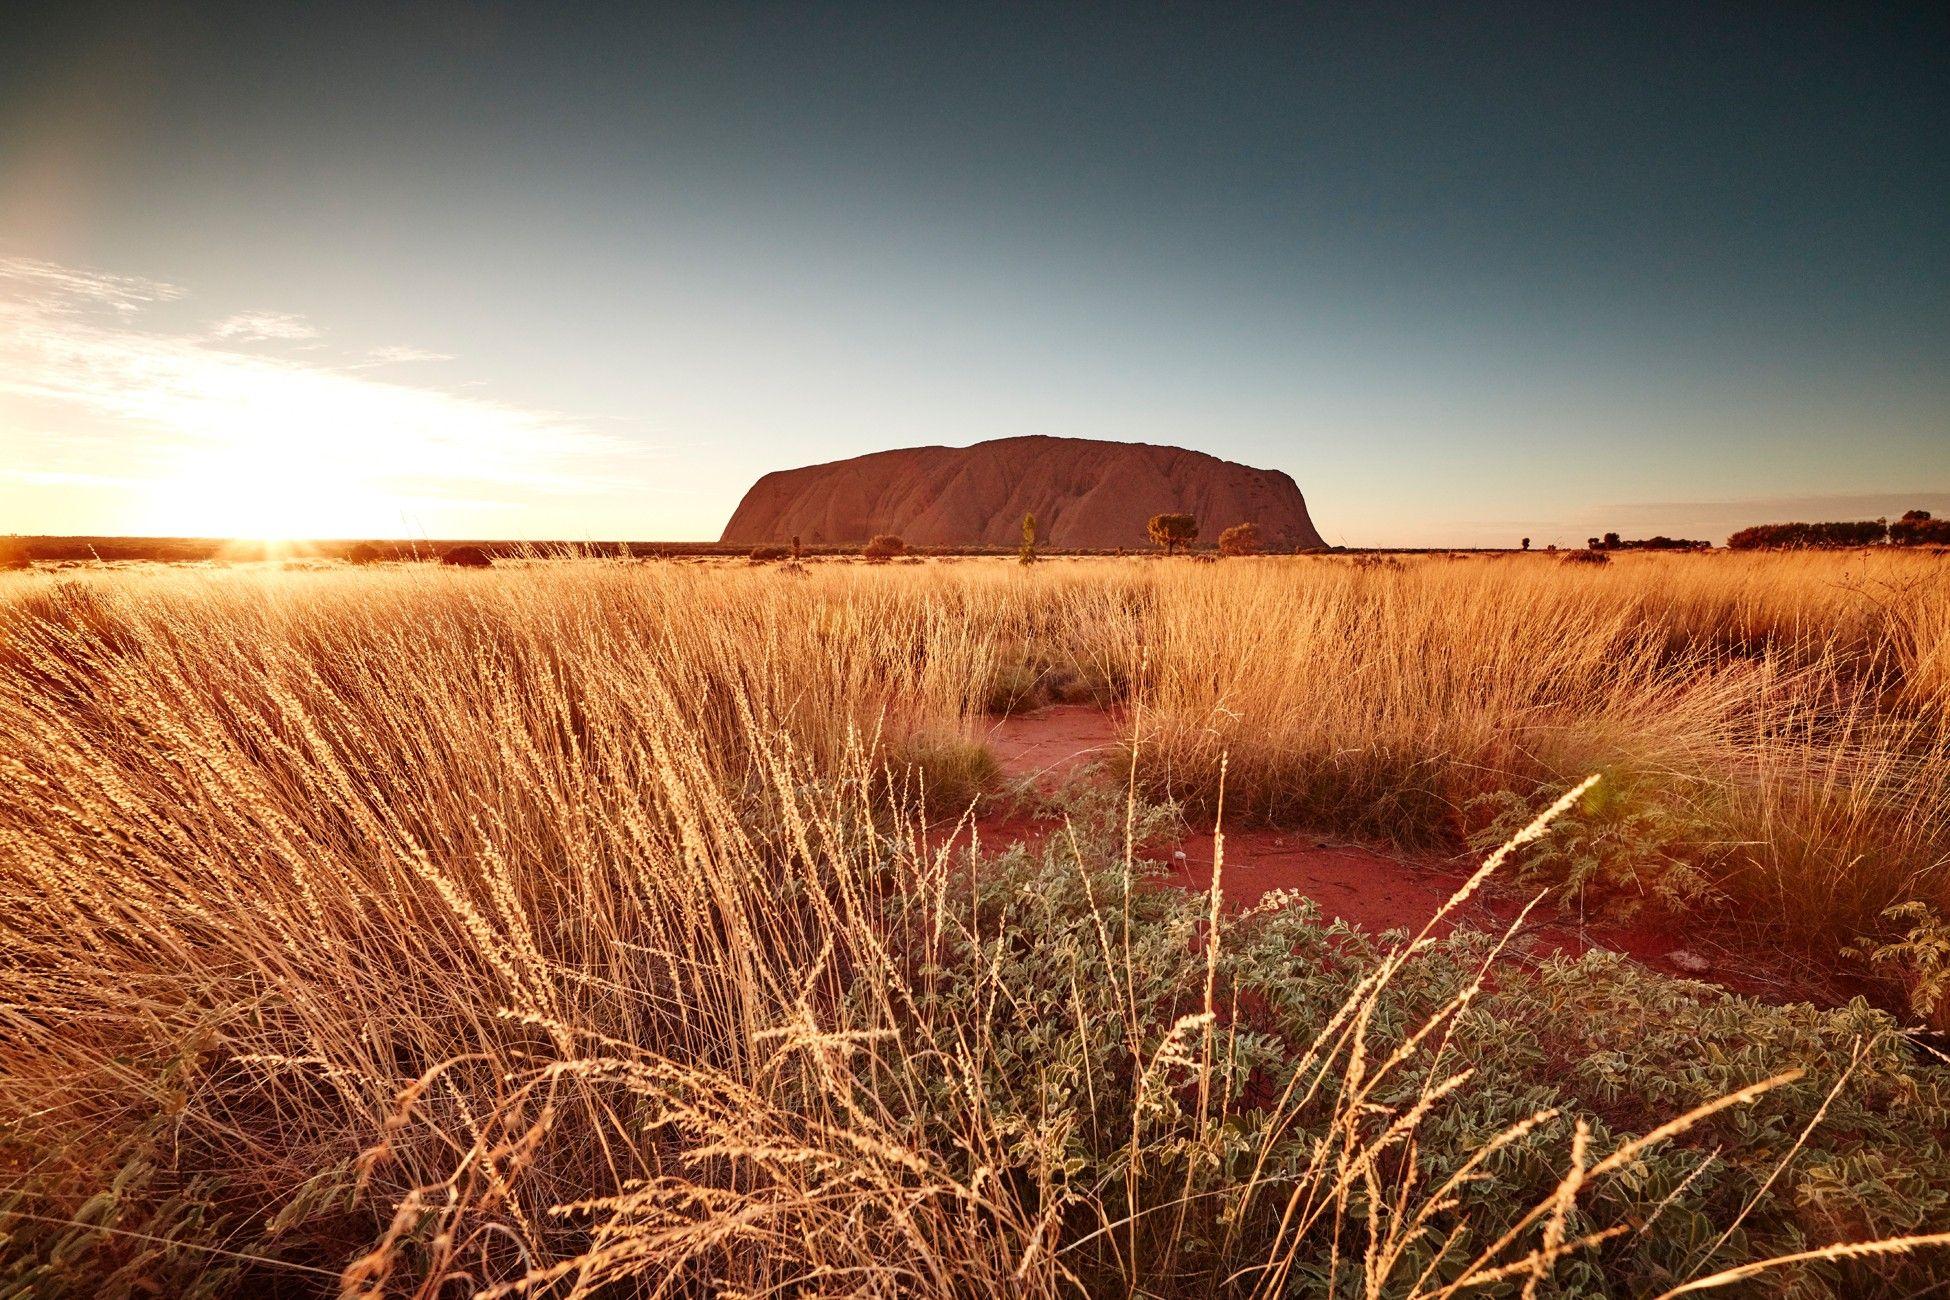 Pourquoi l'Australie interdit l'ascension de ce monument naturel emblématique | National Geographic